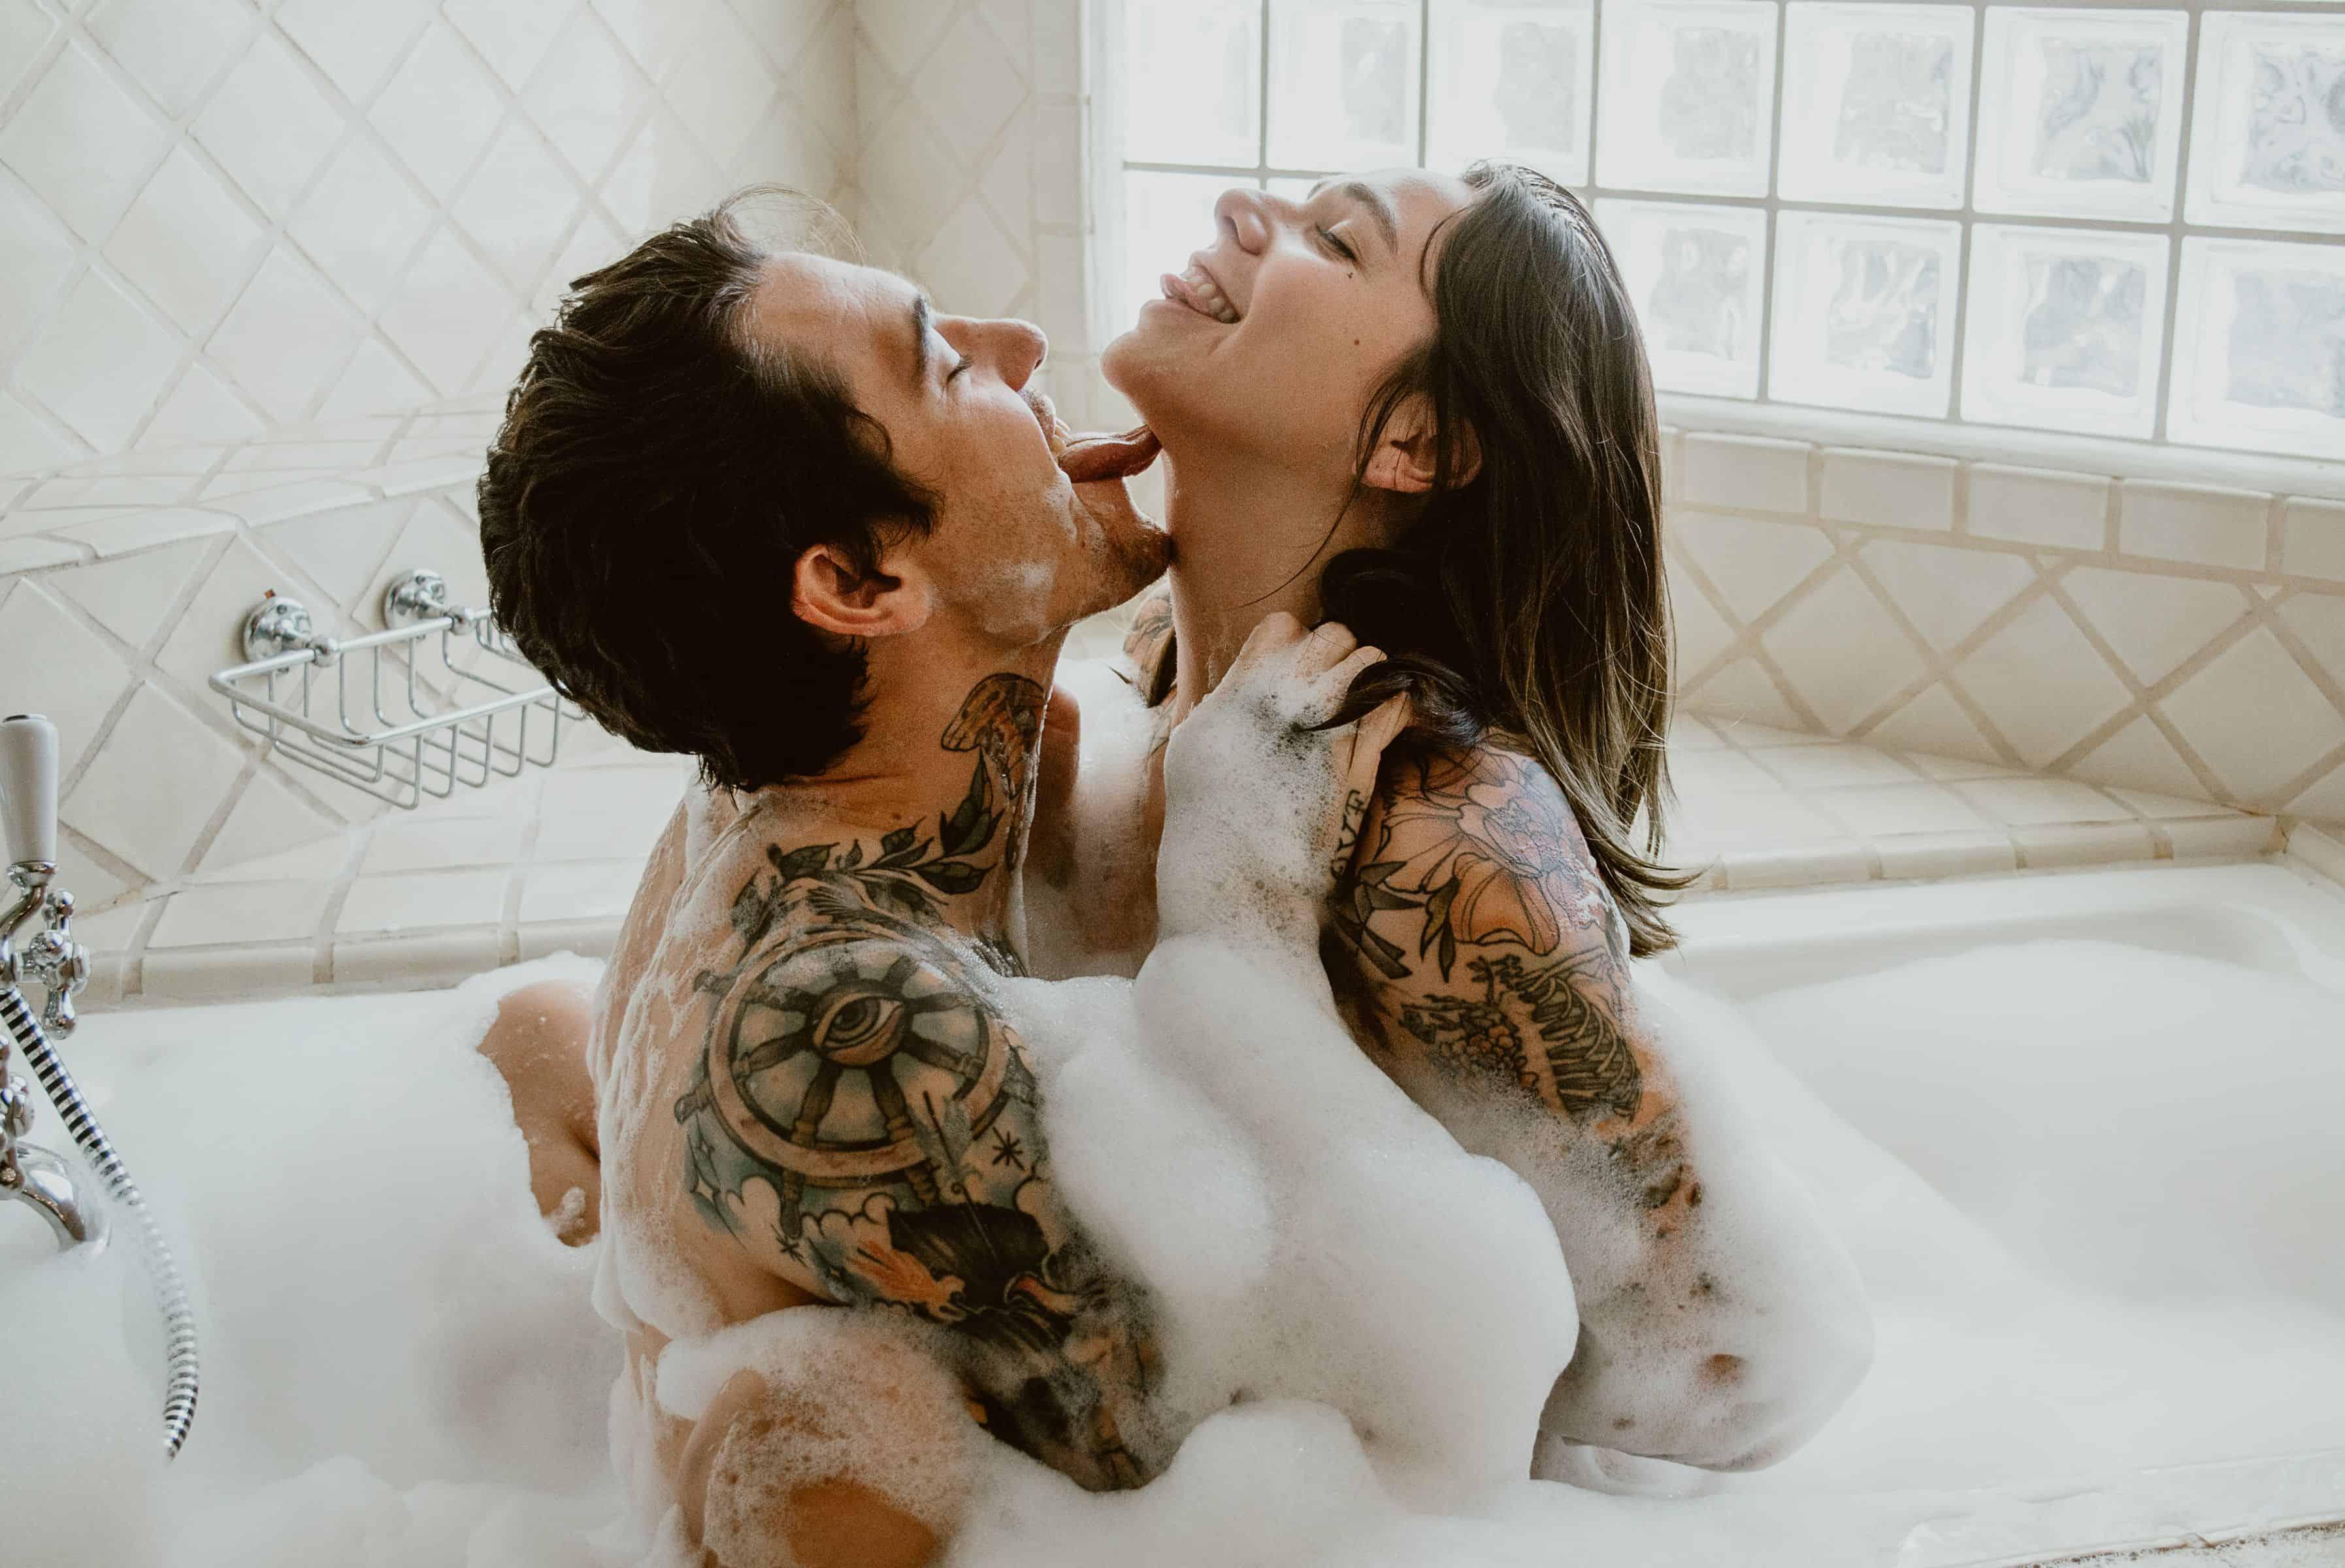 Seks in de Badkamer? 5x Tips voor de beste badkamerseks